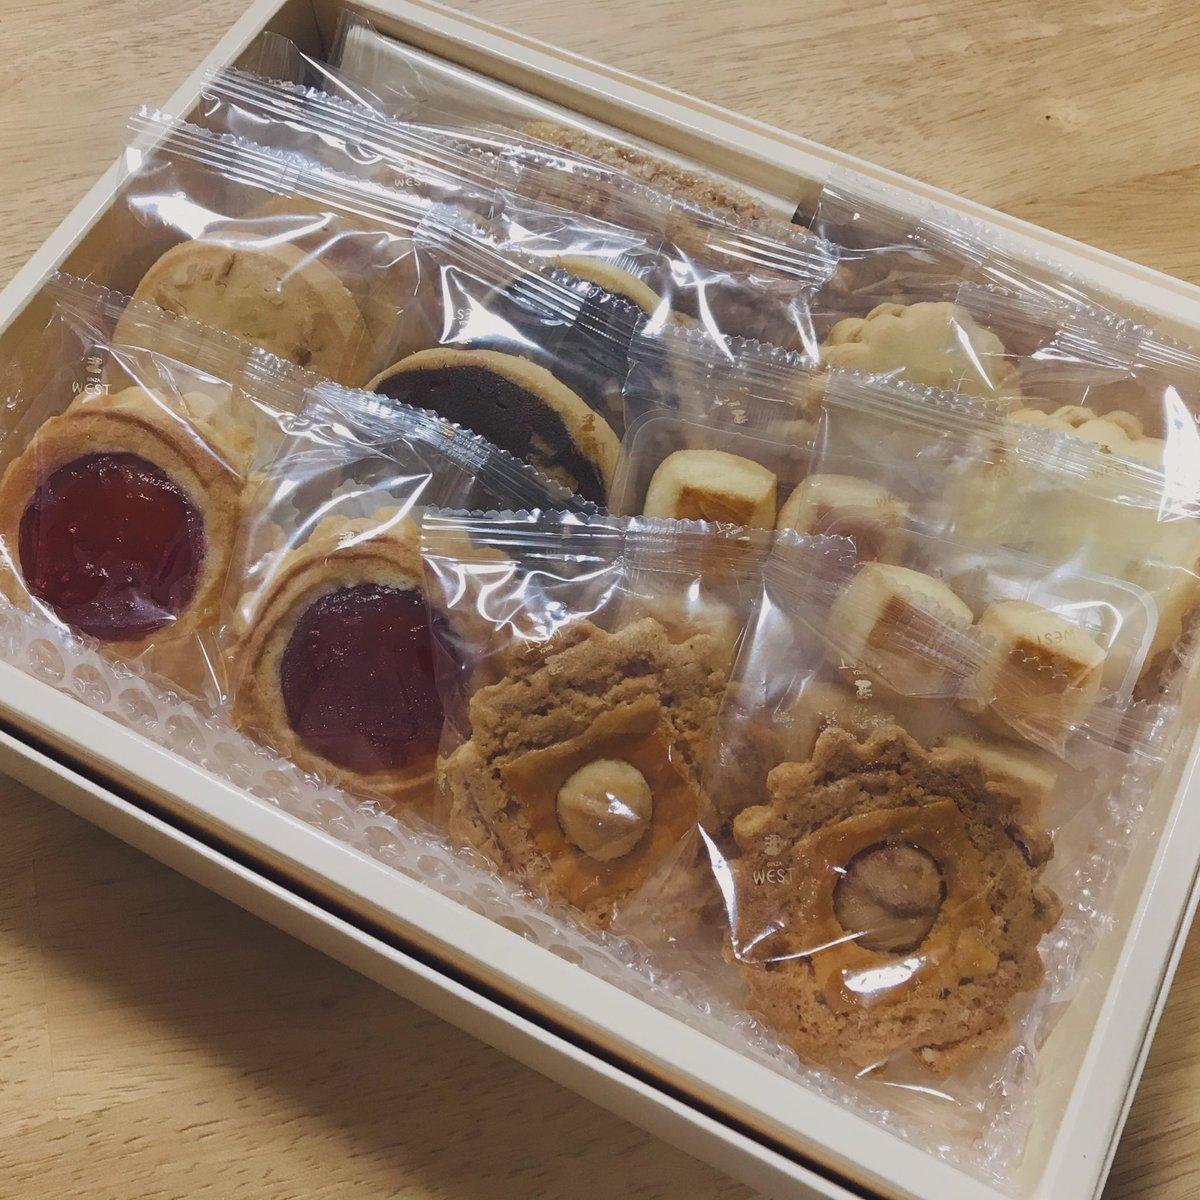 test ツイッターメディア - 銀座ウエストのお菓子買っちゃった😋🍪かわいい〜おいしい〜かわいい〜 https://t.co/U4DrnQzlba